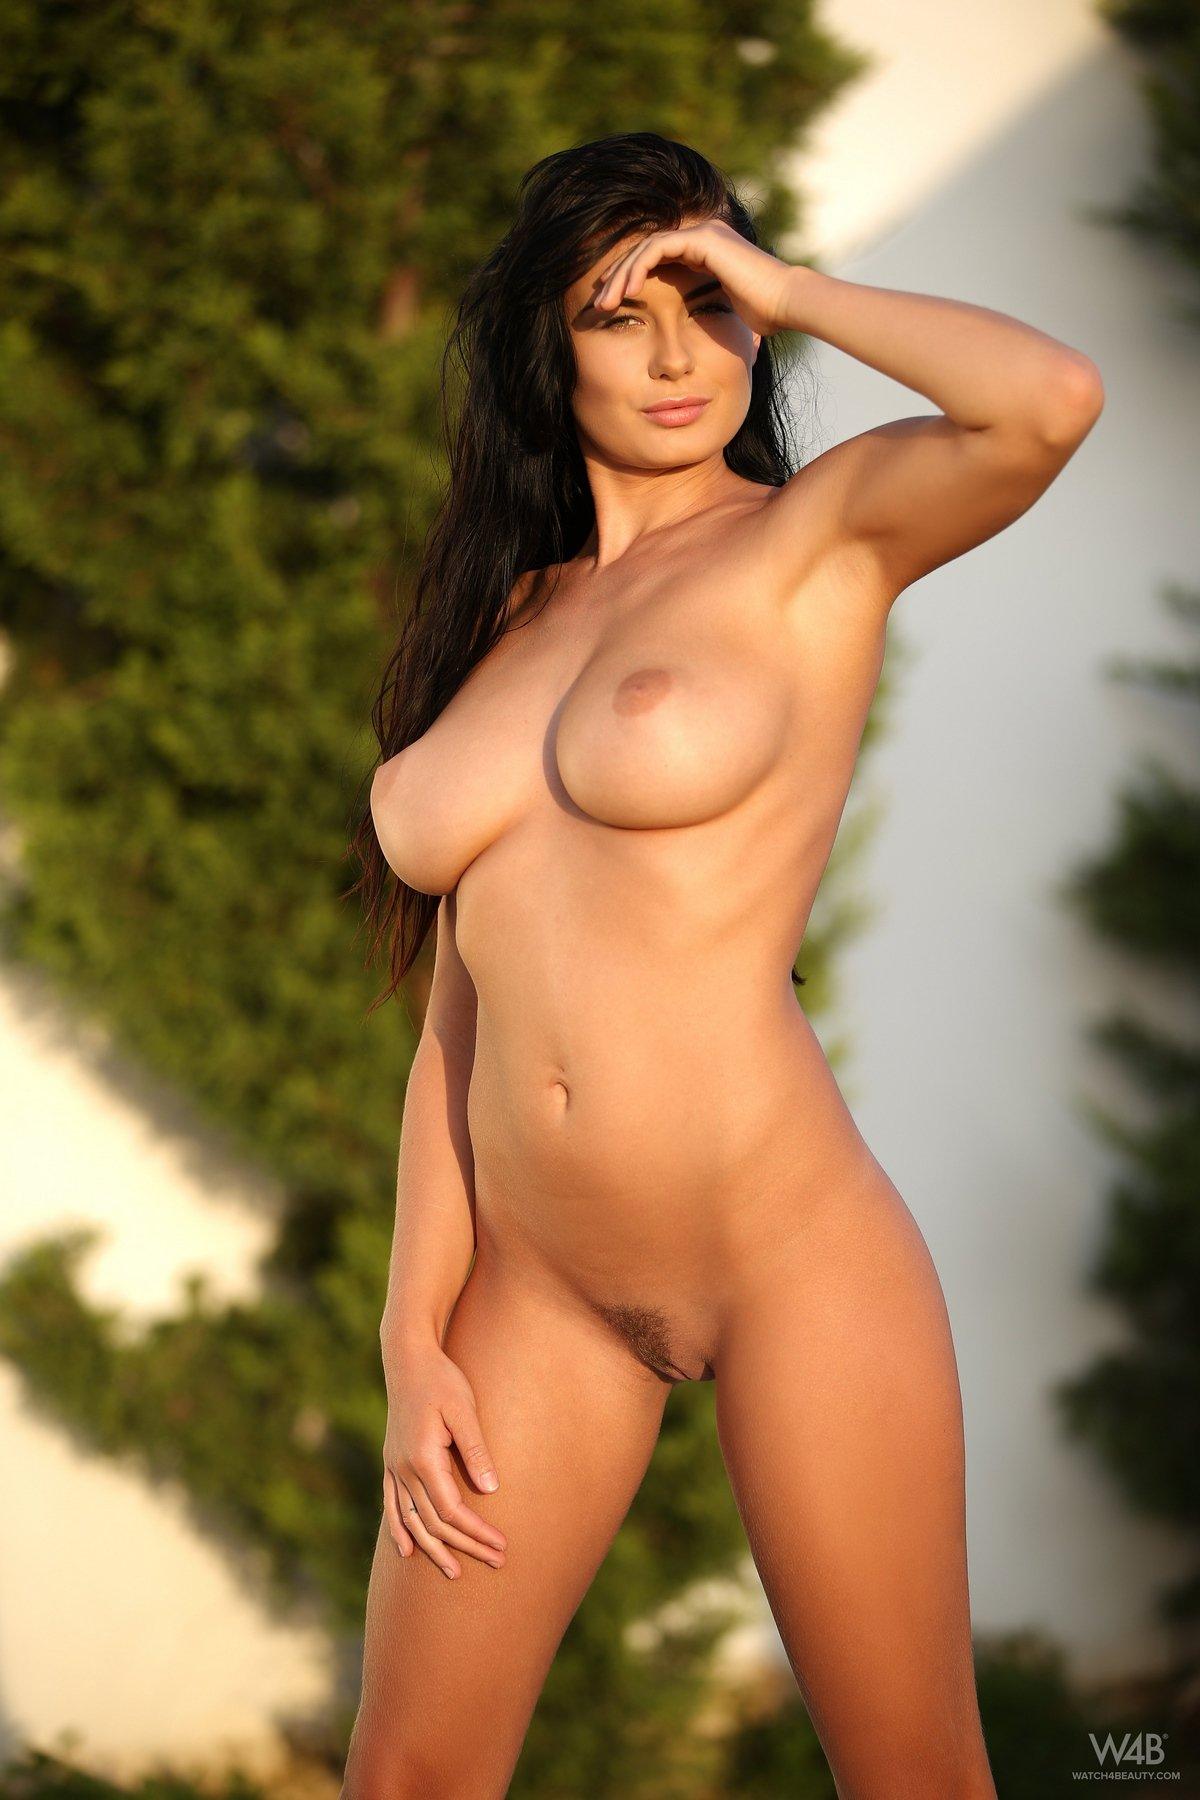 Фото милой брюнеточки с громадными буферами секс фото